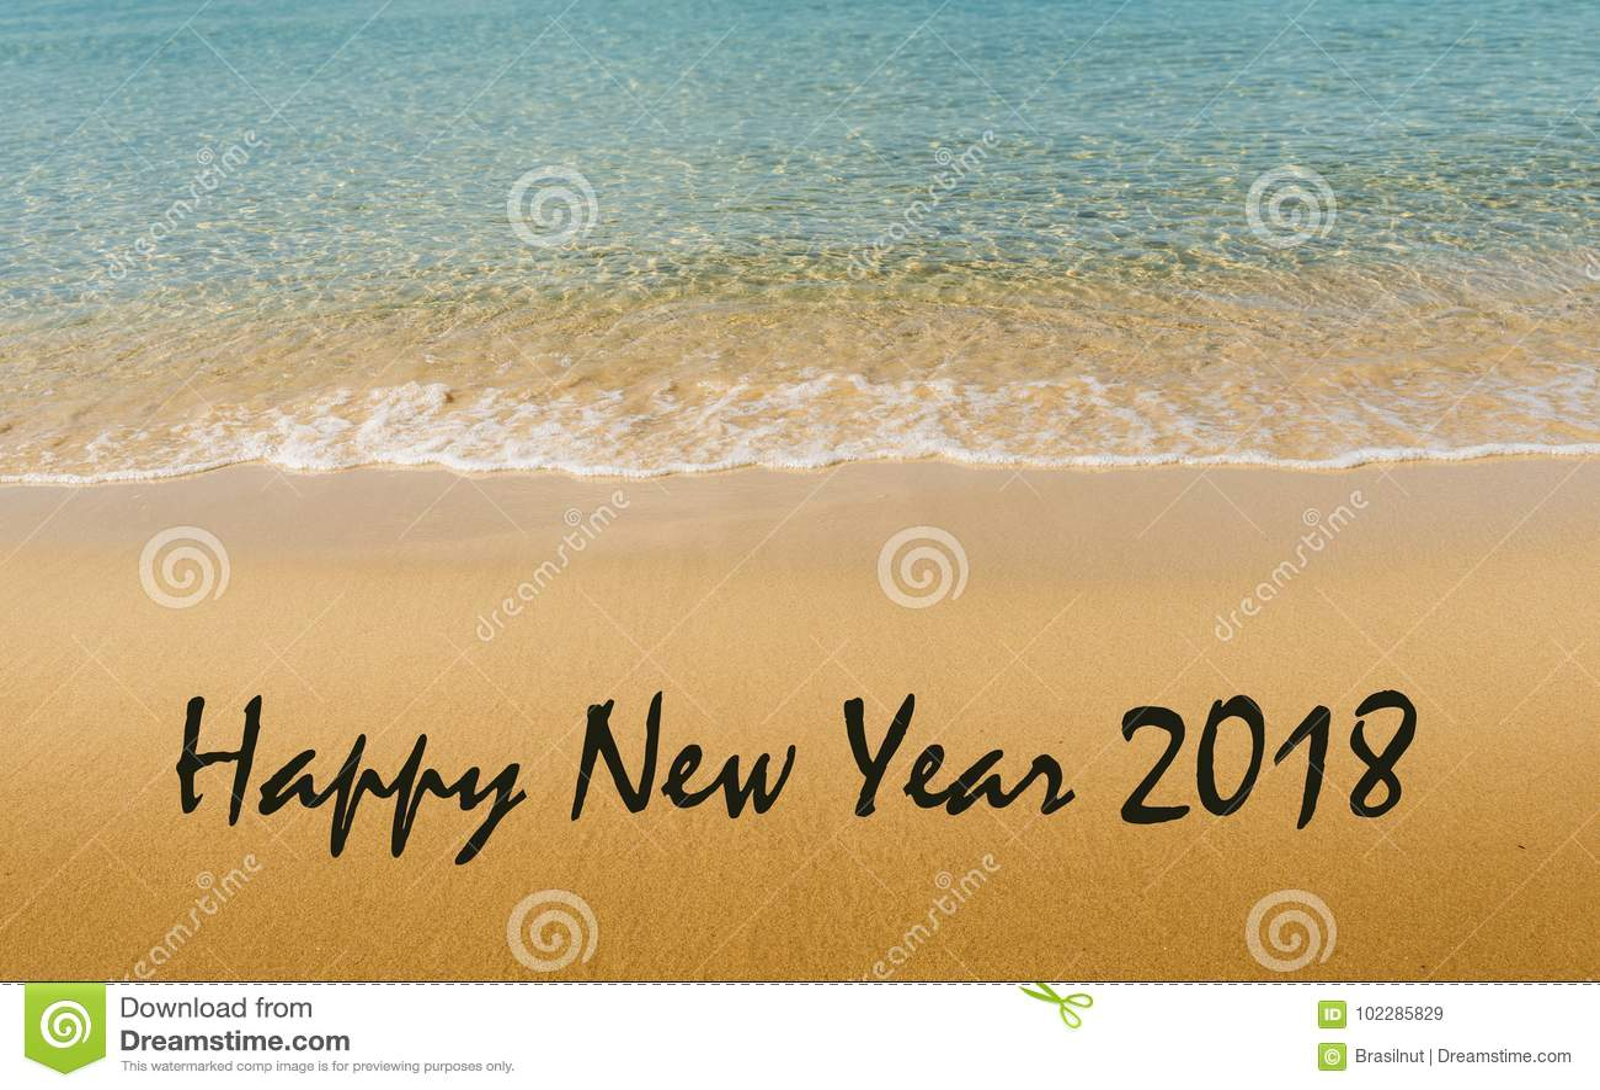 Mensajes De Amor Escritos En La Arena: Mensaje 2018 De La Feliz Año Nuevo Escrito En La Playa